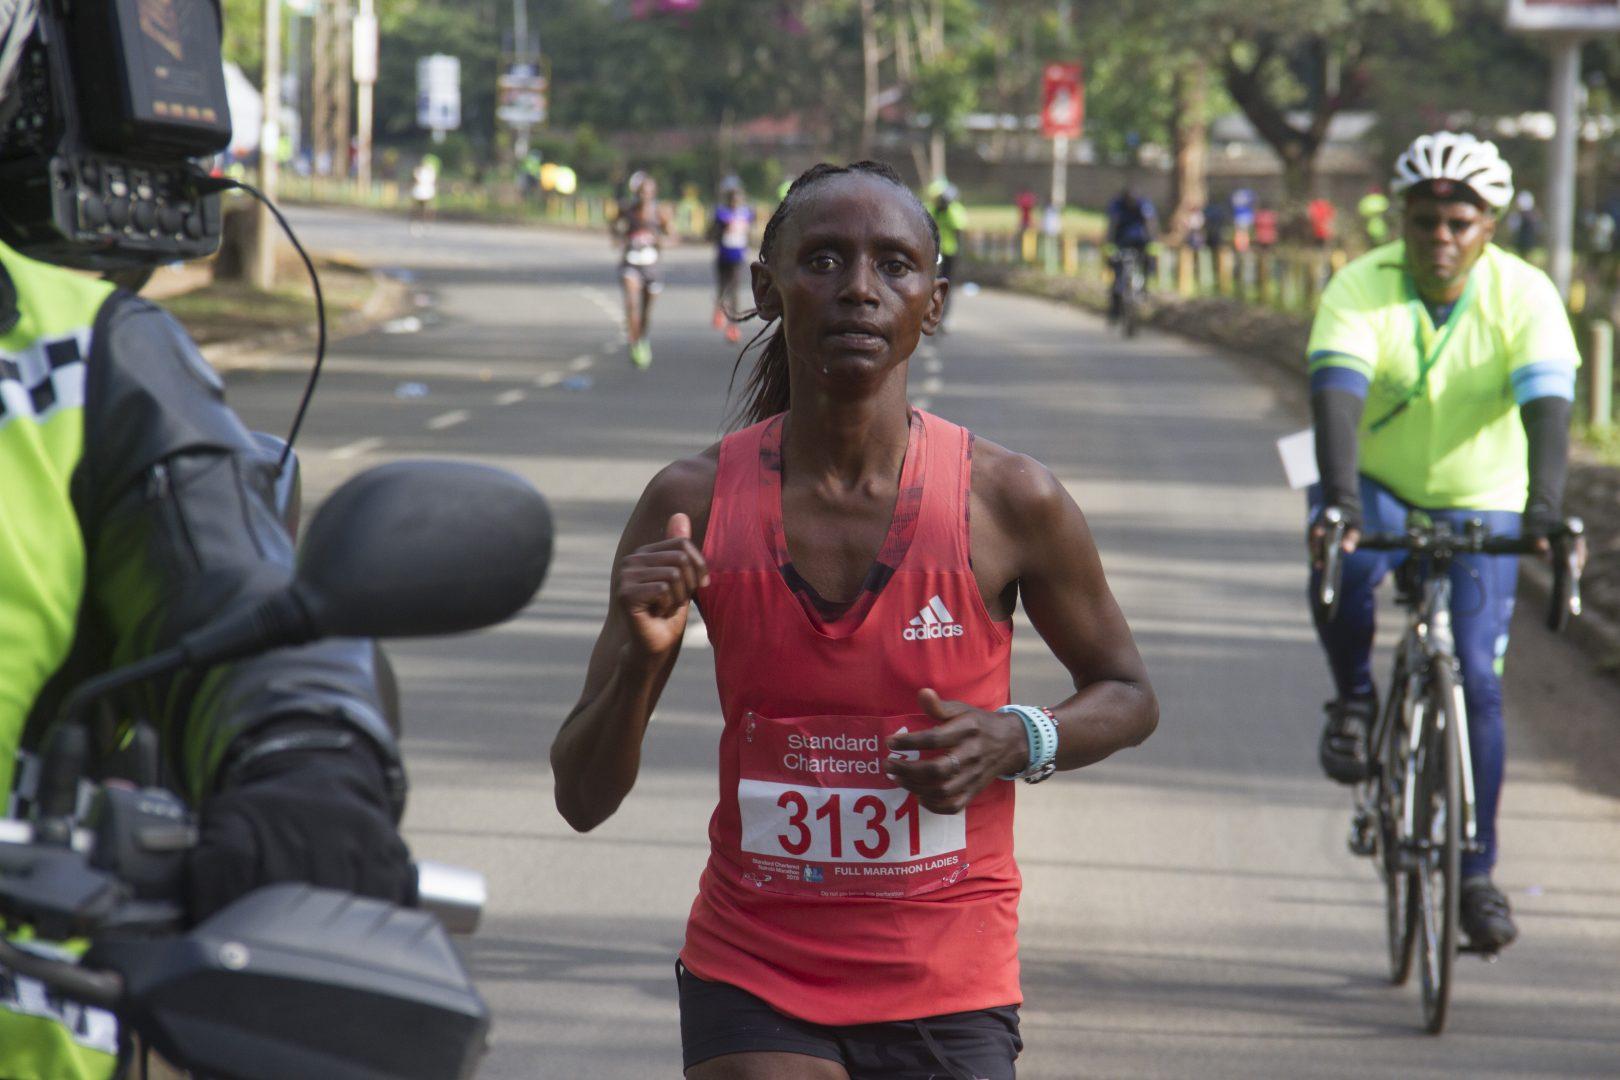 https://www.nairobimarathon.com/wp-content/uploads/2021/07/MG_4768.jpg